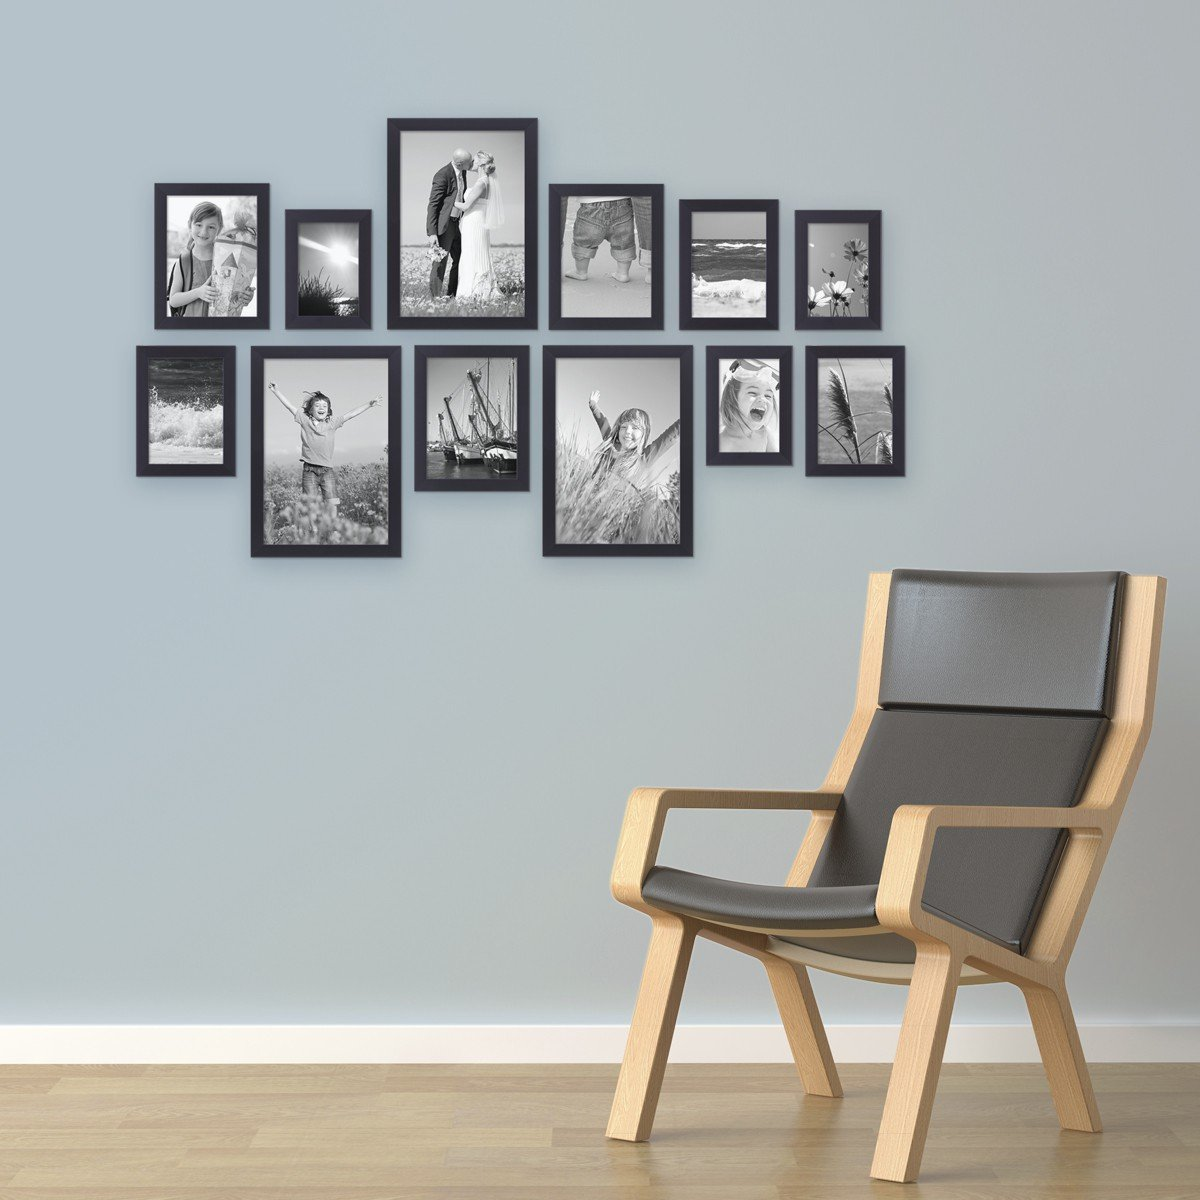 Ungewöhnlich 30x20 Fotorahmen Galerie - Rahmen Ideen ...